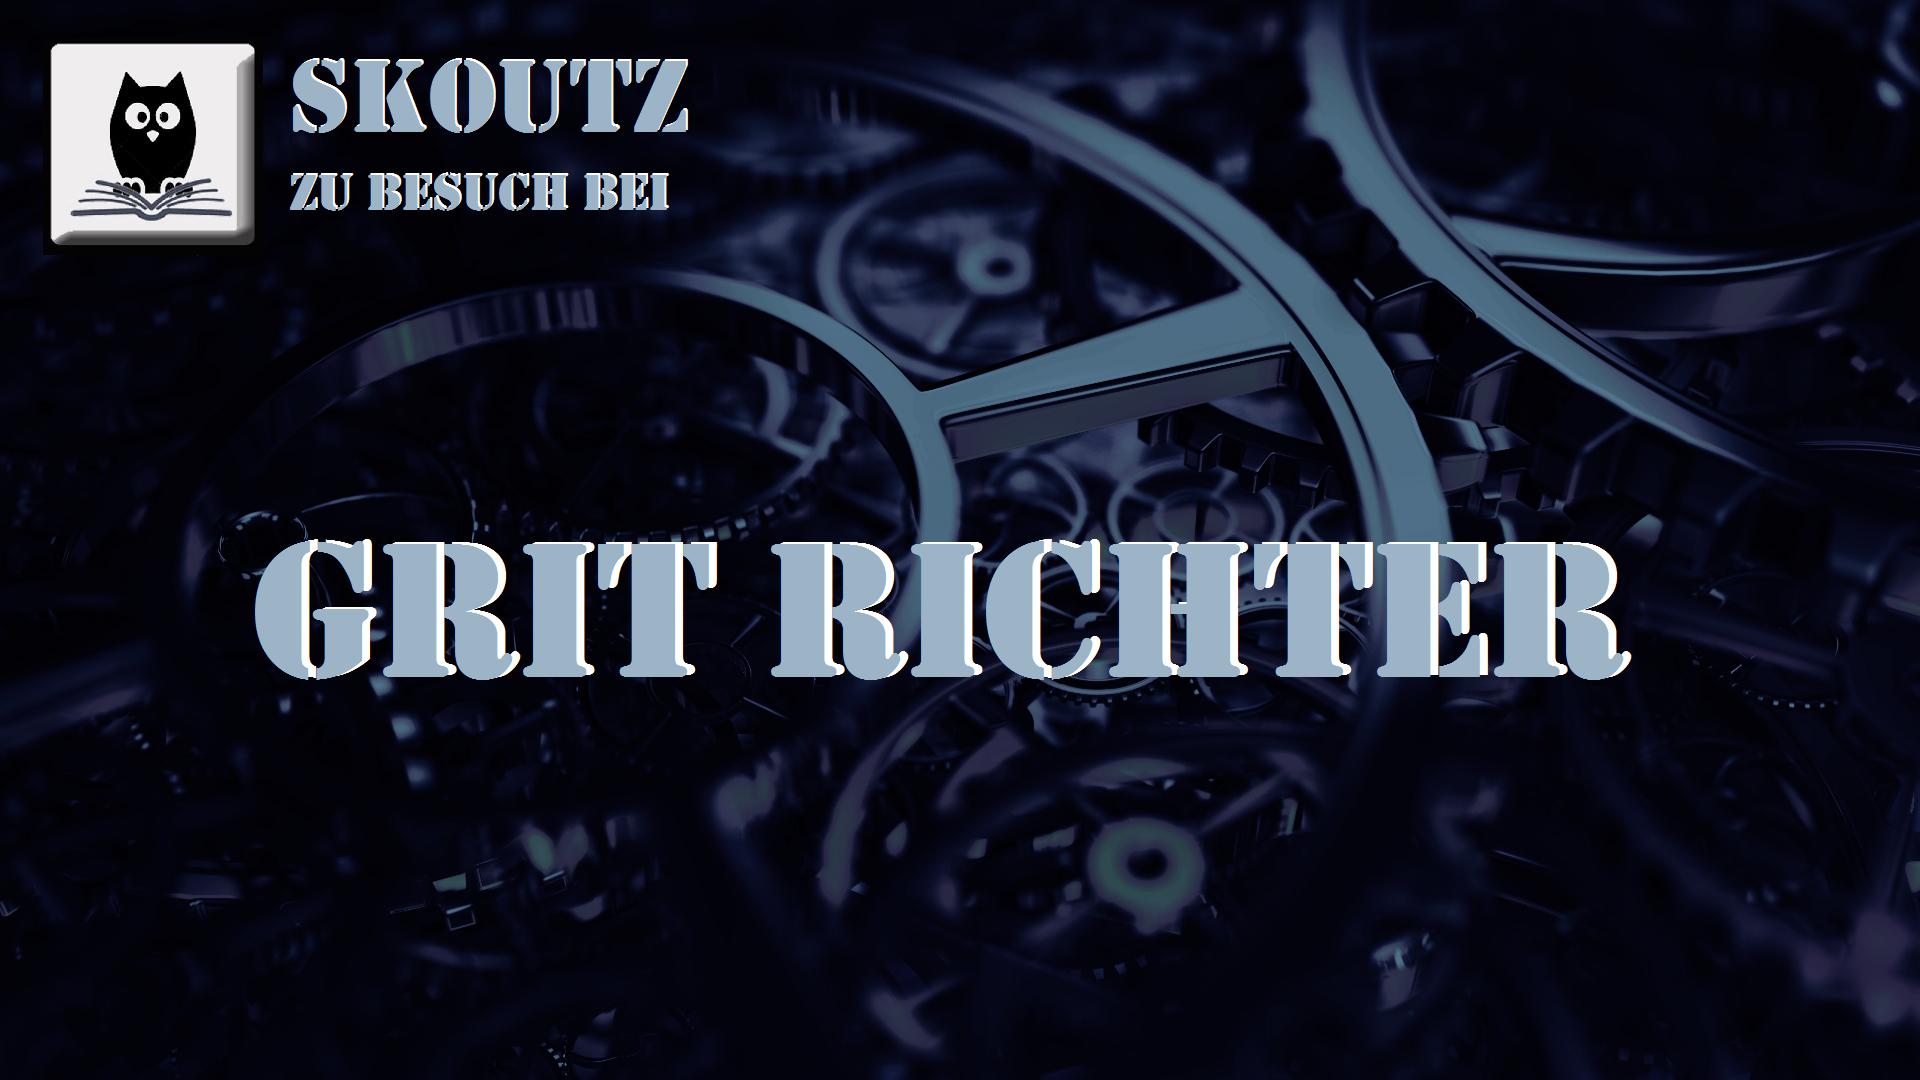 zu Besuch bei: Grit Richter - Skoutz